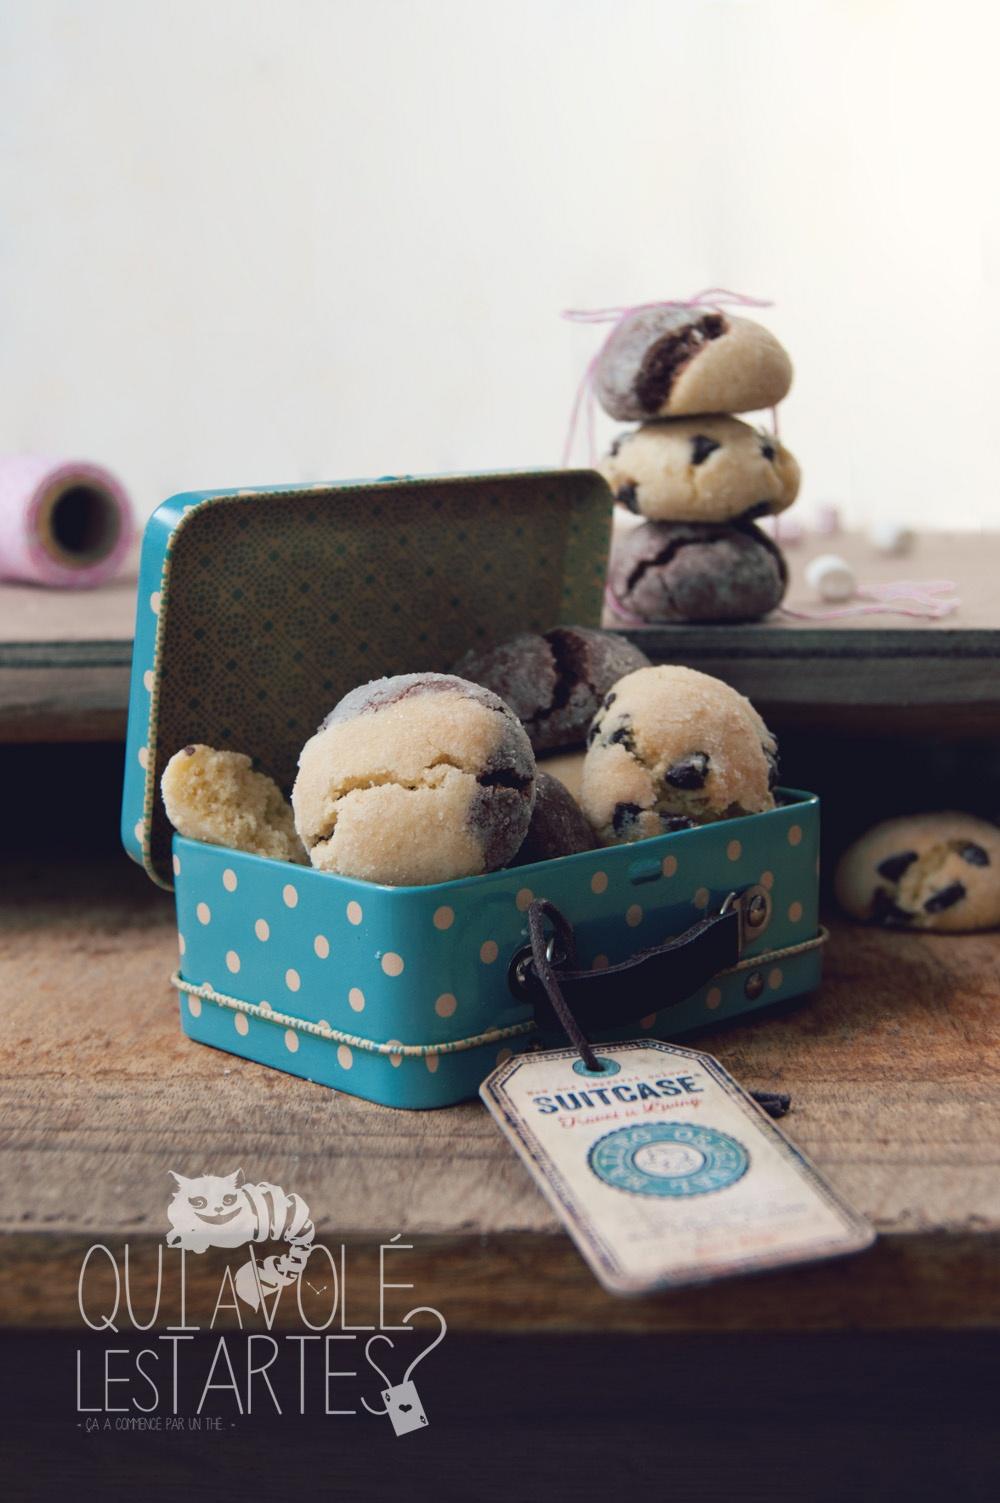 Crinkles sans gluten chocolat & amandes - Studio de création - Qui a volé les tartes